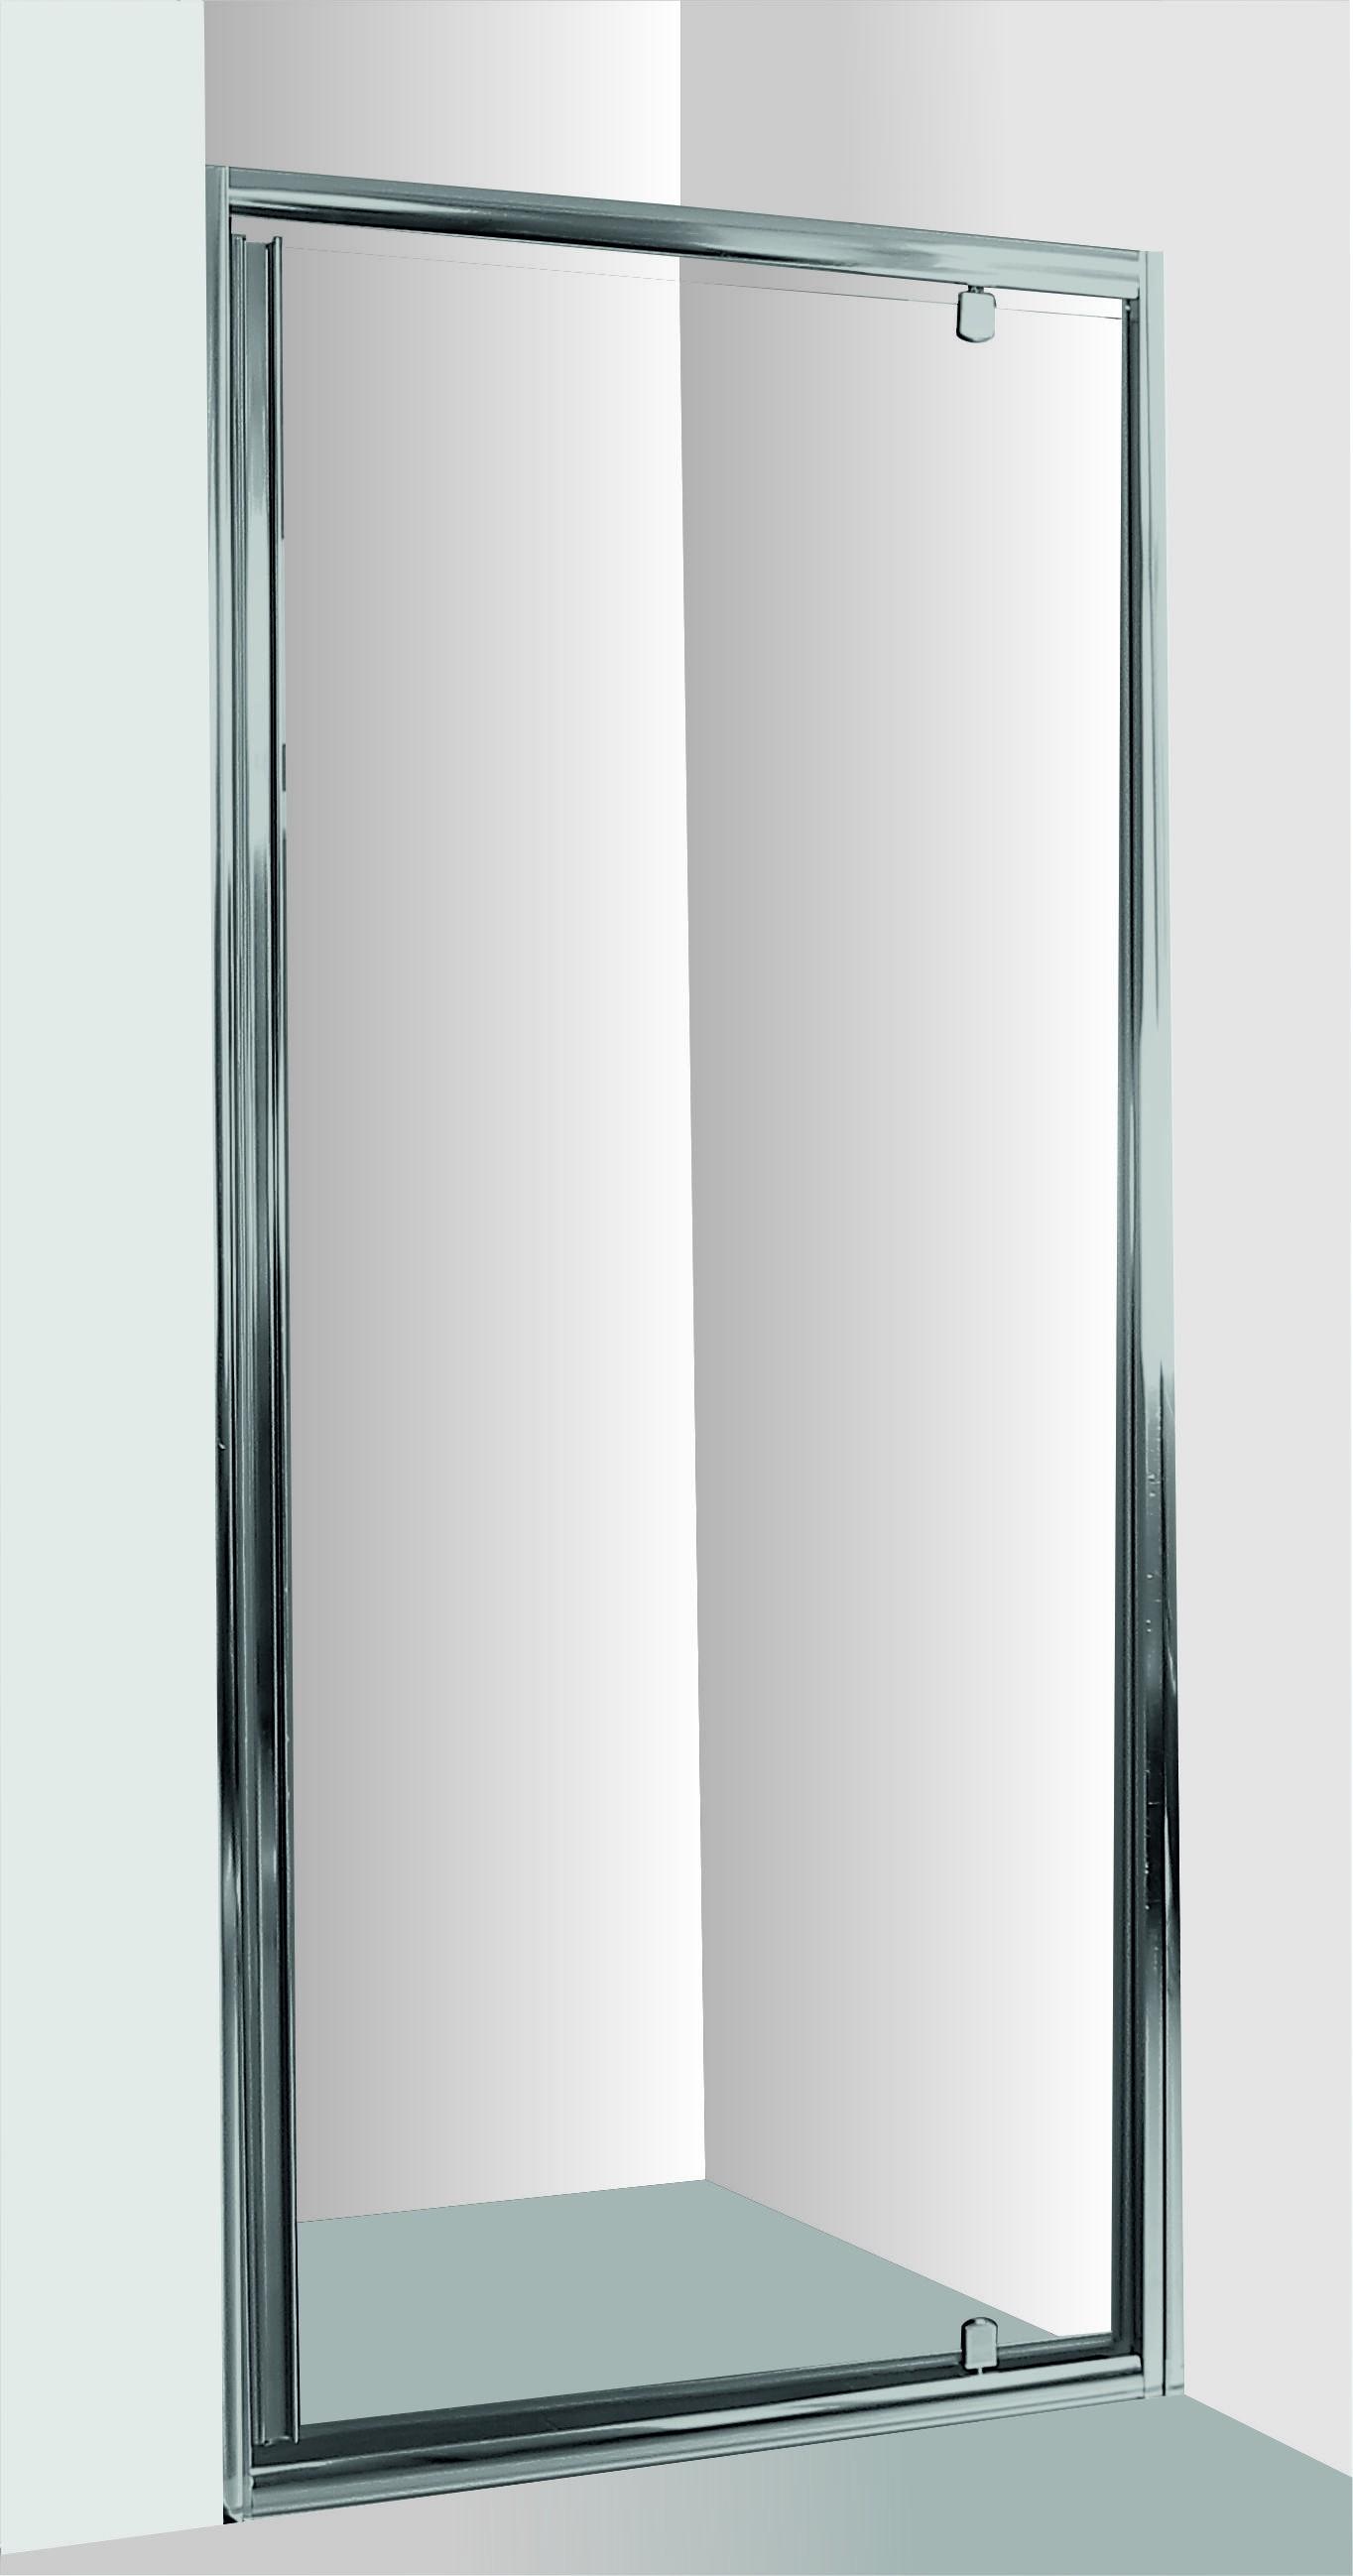 HOPA - Sprchové dvere do niky SMART - alarm - Farba rámu zásteny - Hliník chróm, Rozmer A - 80 cm, Smer zatváranie - Univerzálny Ľavé / Pravé, Výplň - Grape bezpečnostné sklo - 6 mm OLBALA80CGBV